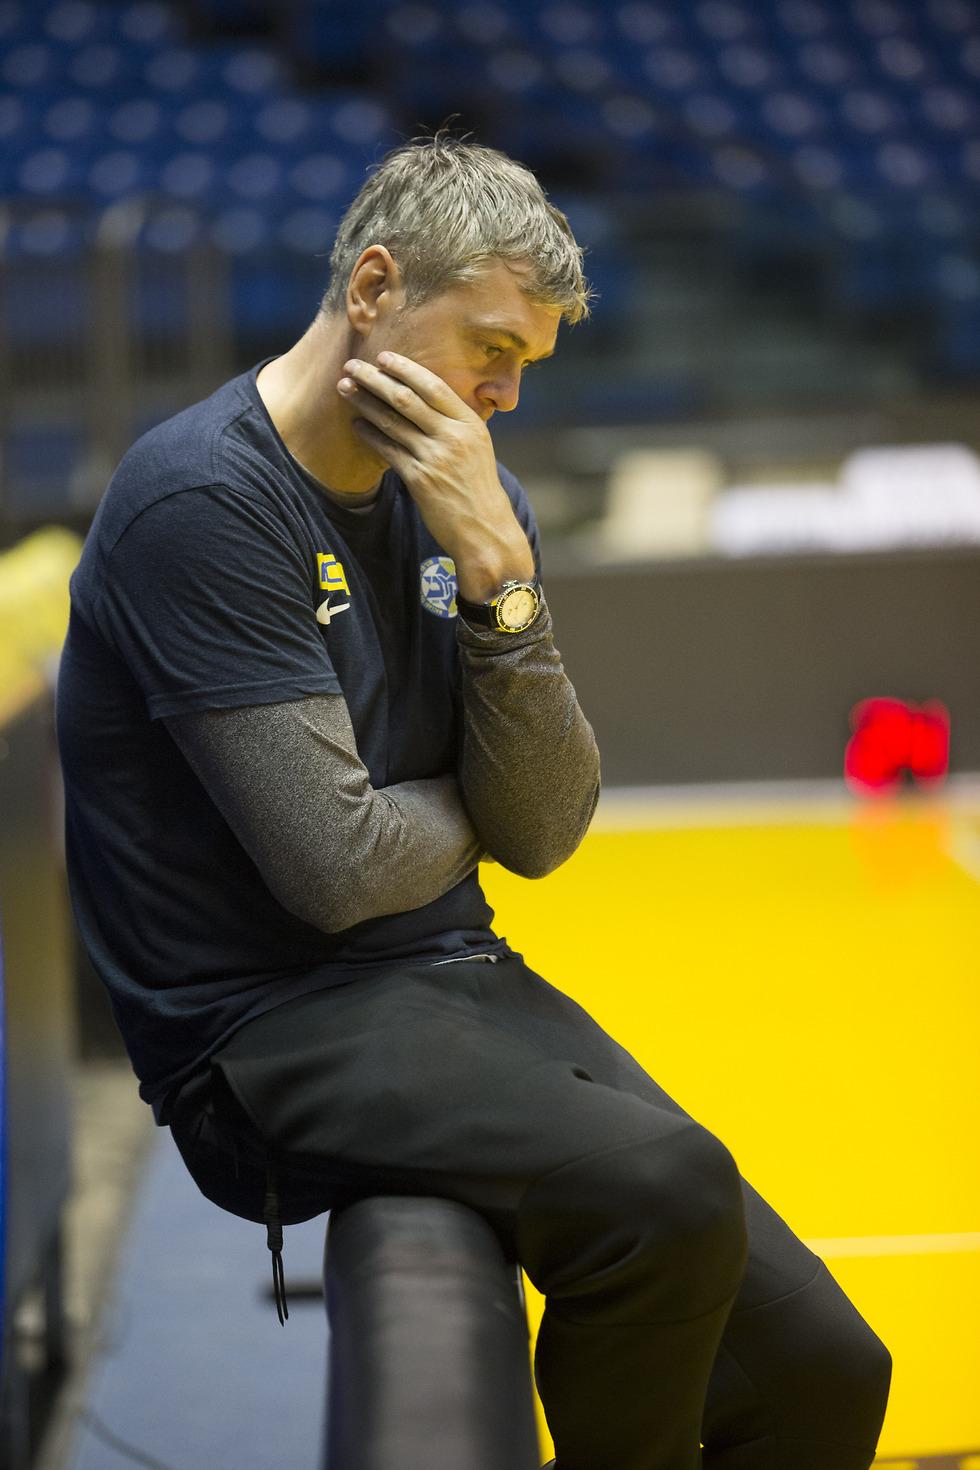 יותר הפסדים, יותר דרמות, יותר גרוע. בגאצקיס (צילום: עוז מועלם) (צילום: עוז מועלם)